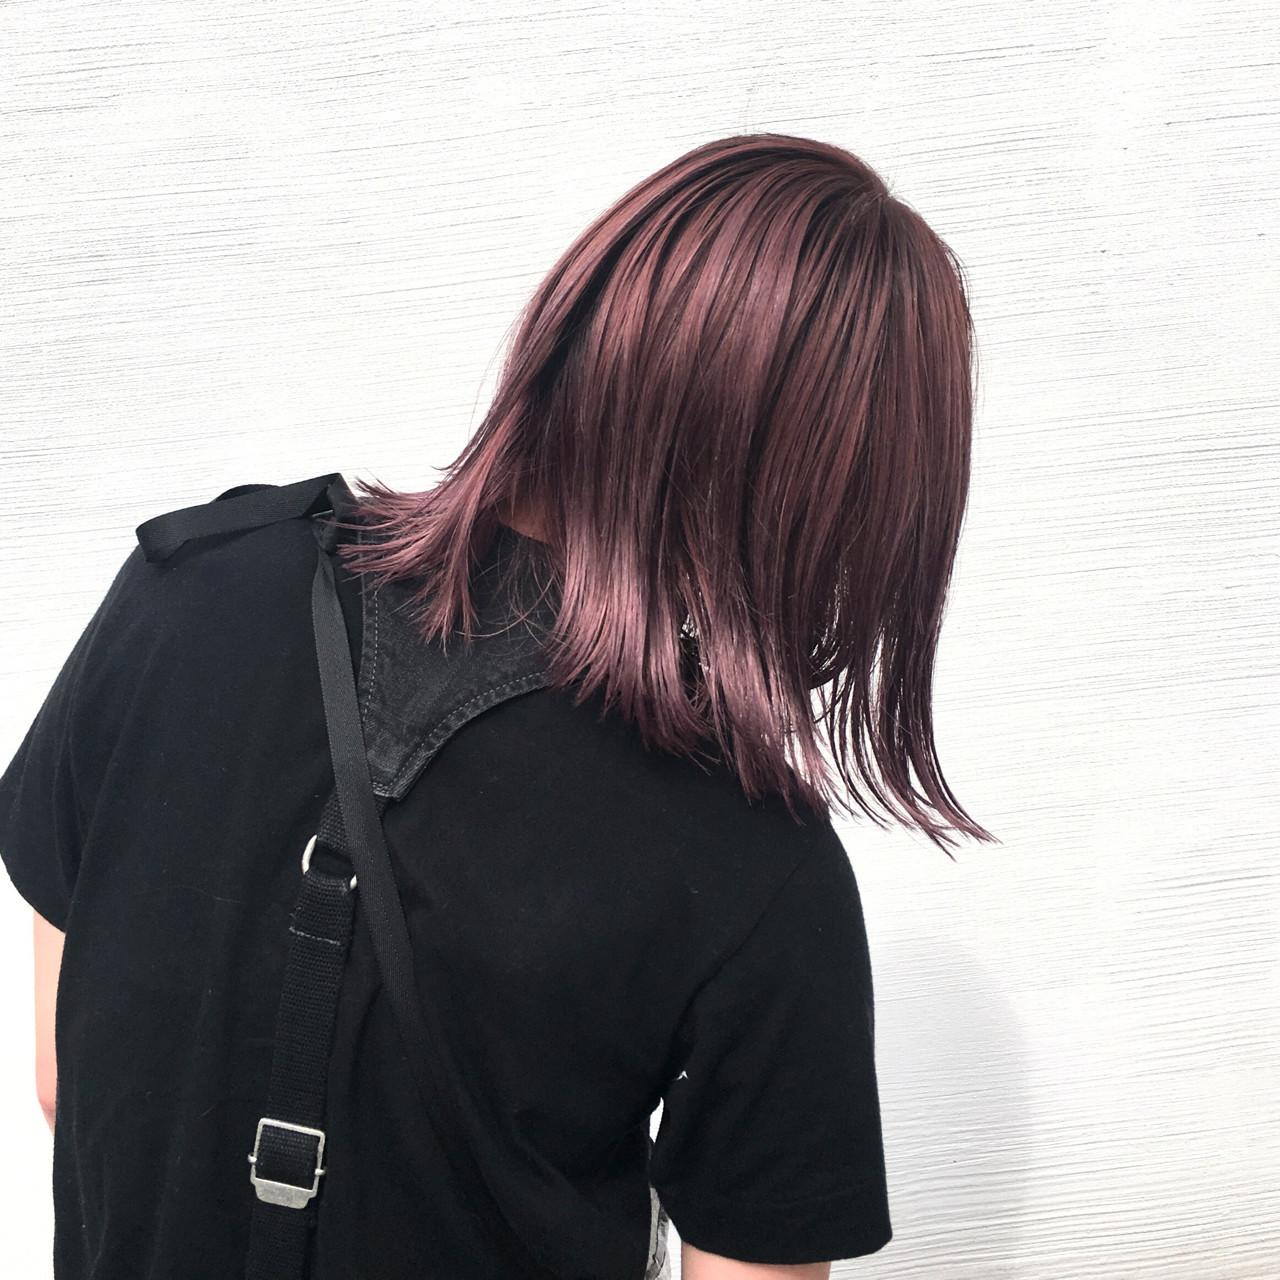 かわいい♡色っぽい♡ピンクブラウンは女子にいいことづくしなヘアカラー♪ 井上 拓耶  unite